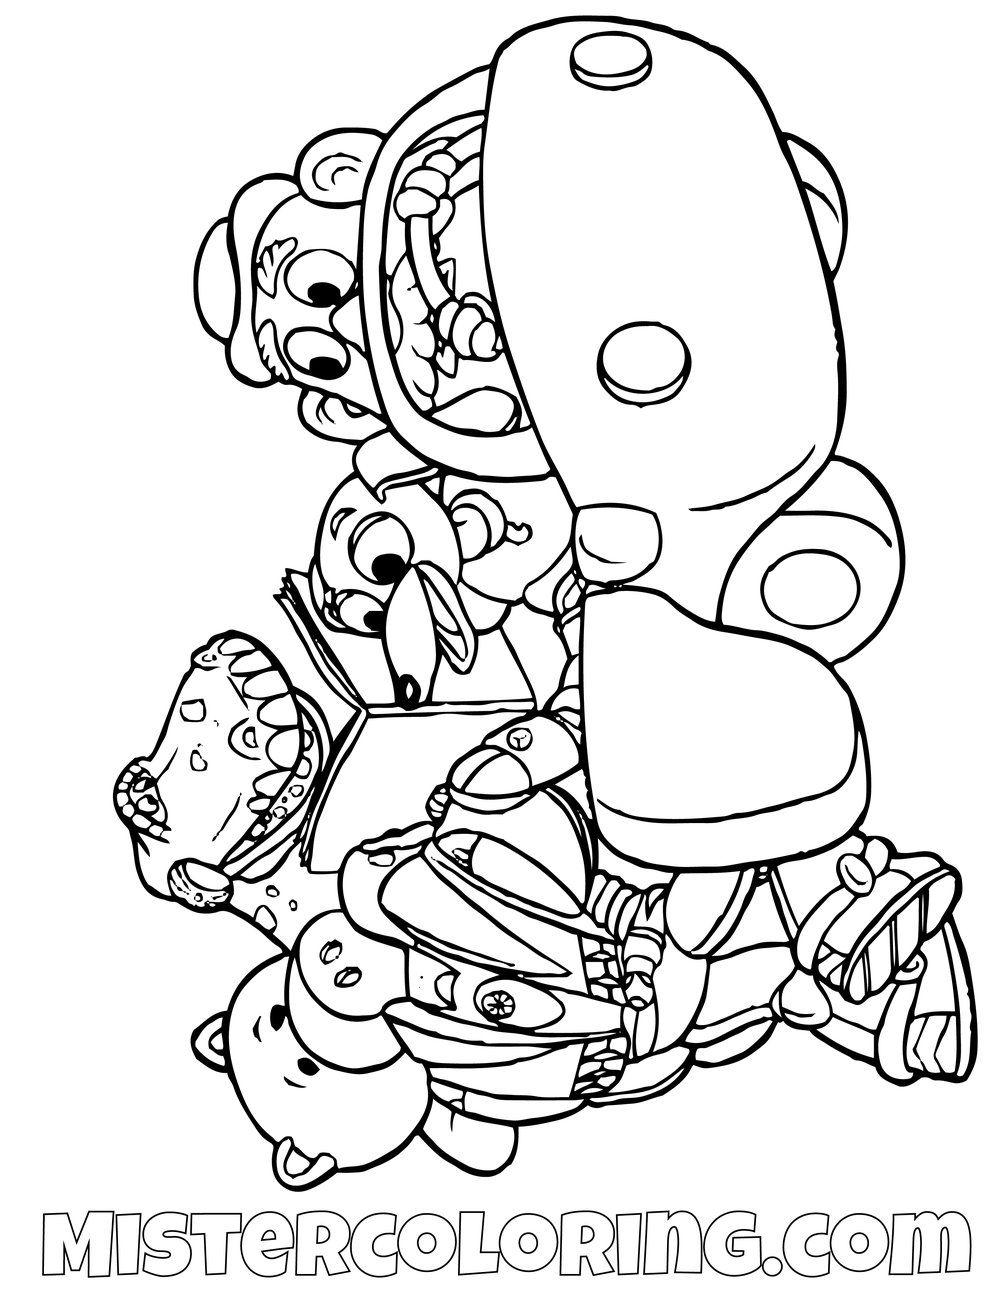 Rex Ham Slinky Dog Mr Potato Head Buzz Lightyear Riding A Car Toy